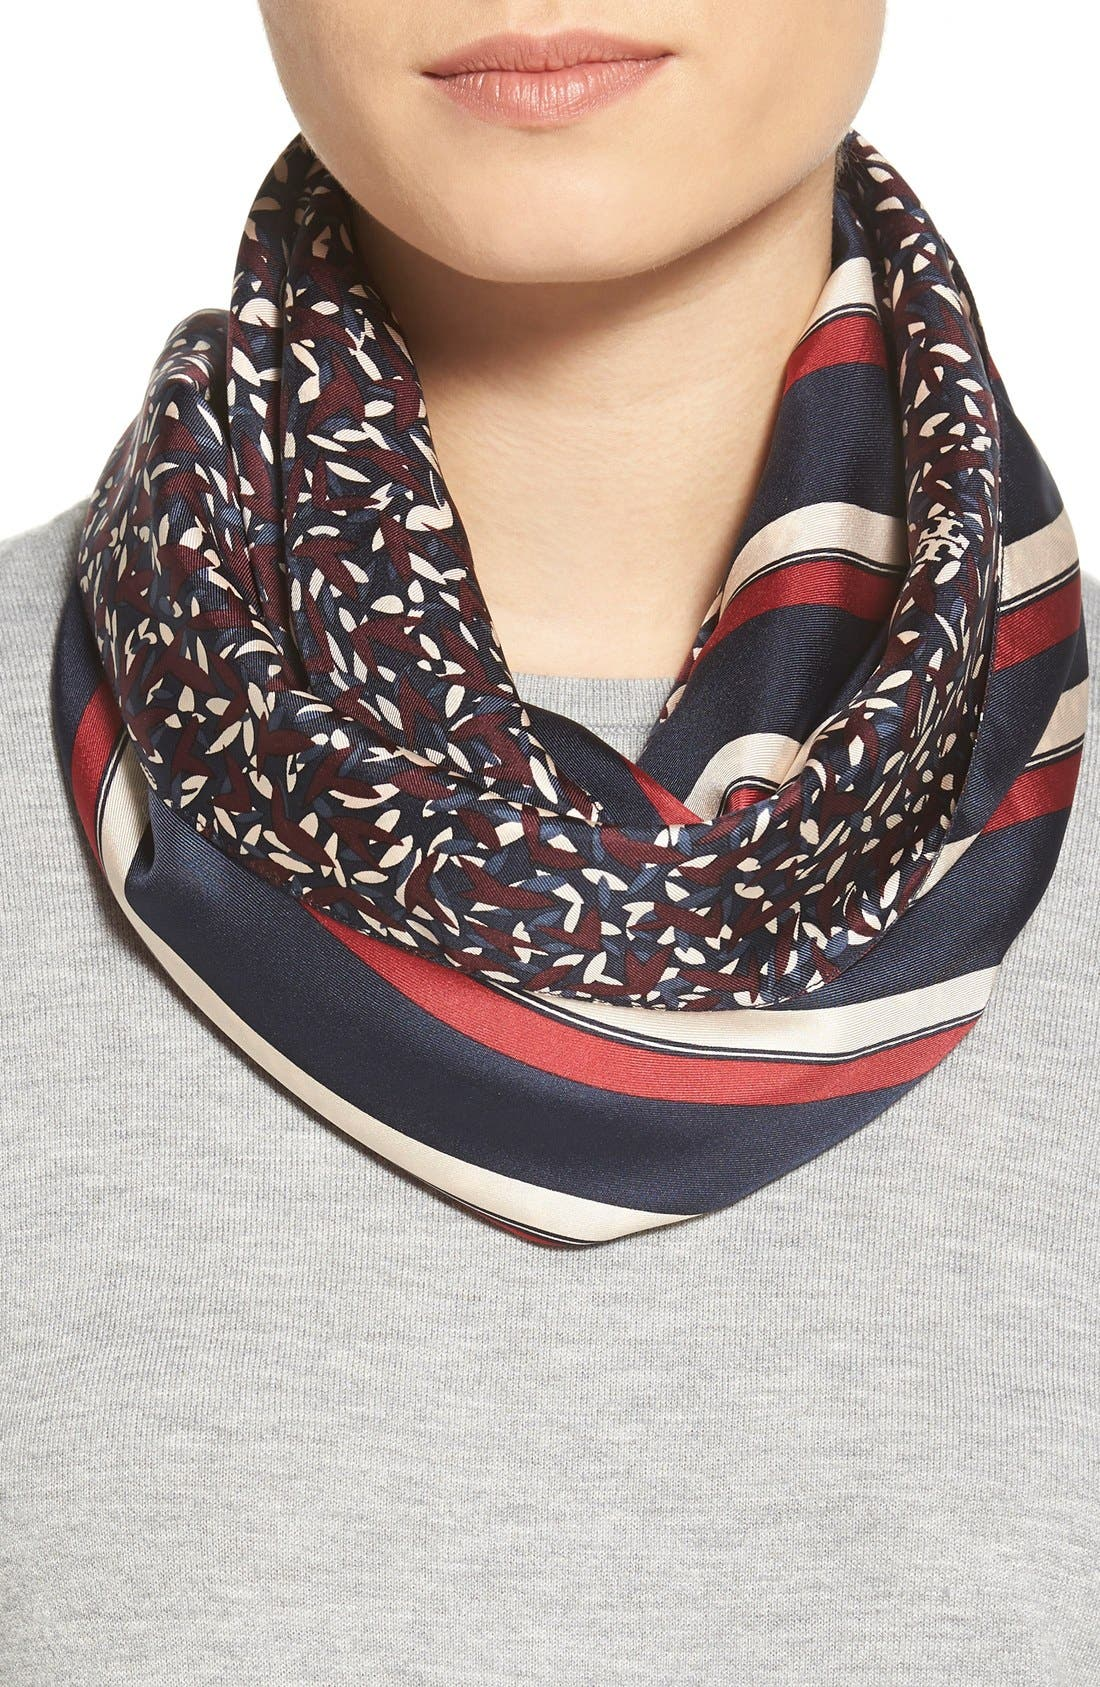 Stripe & Confetti Print Silk Infinity Scarf, Main, color, 600